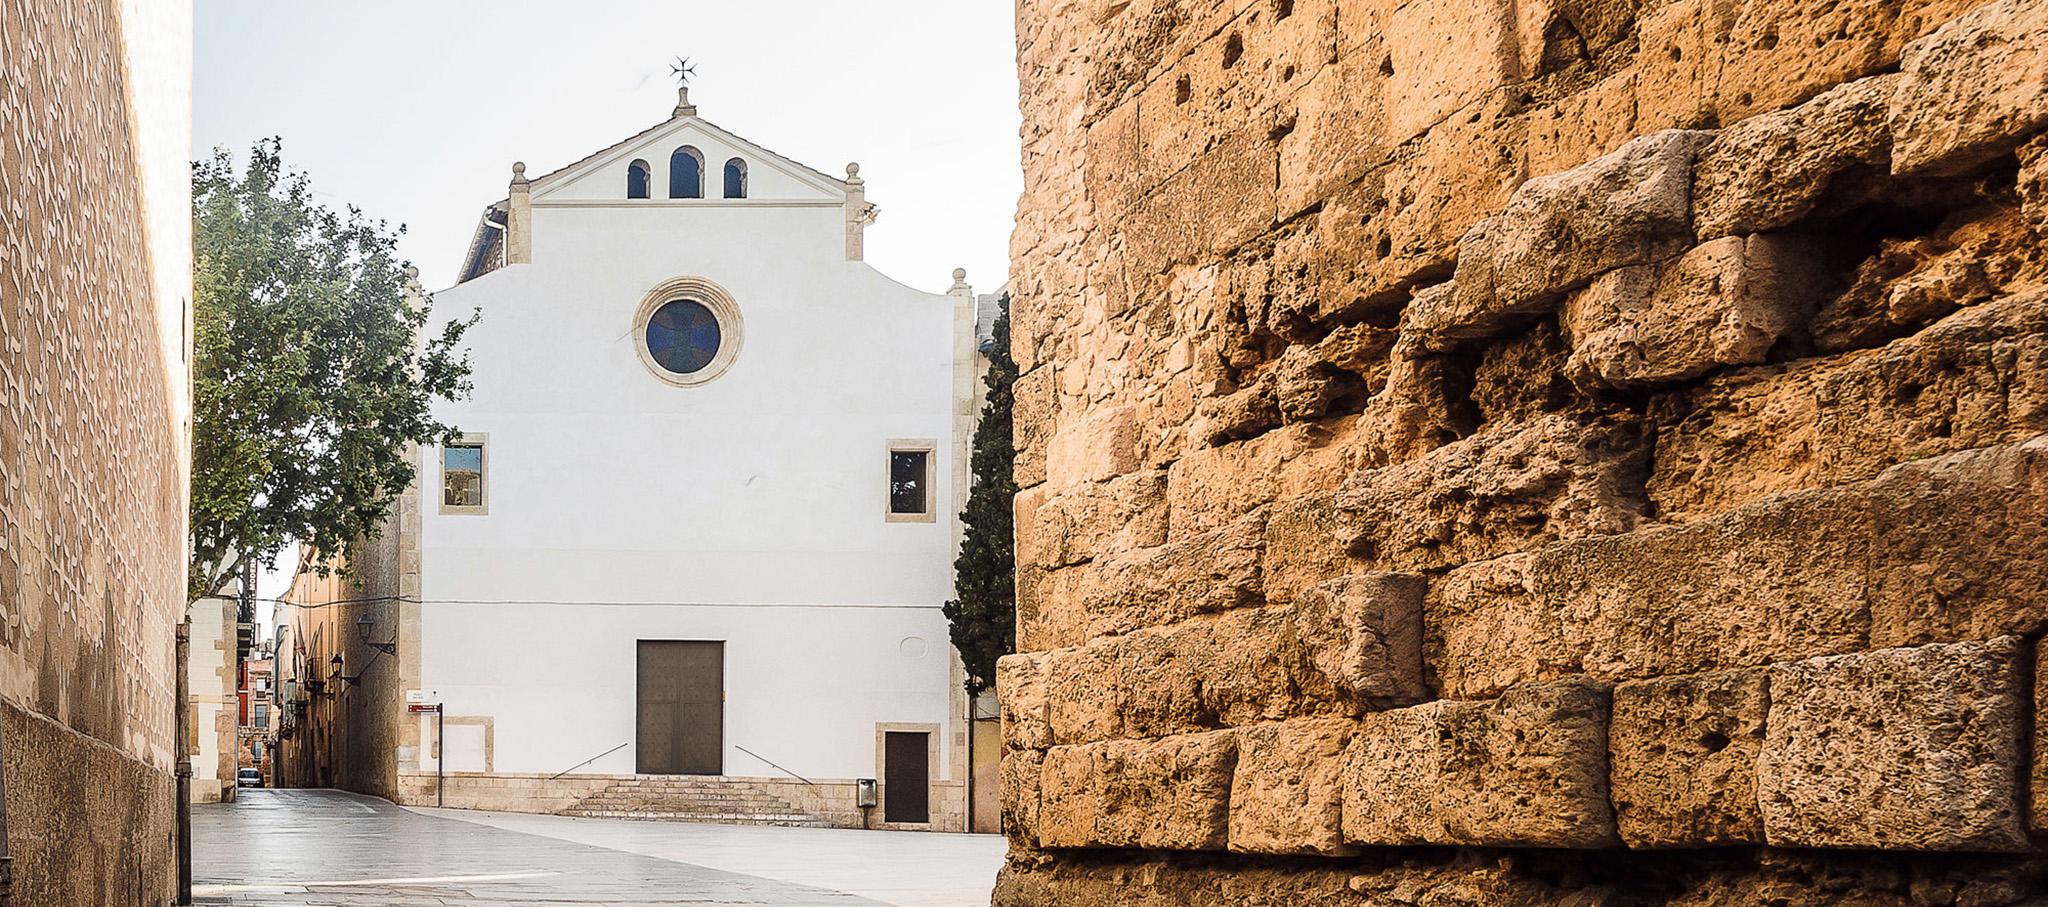 Rehabilitación de fachadas y reconexión histórica de la iglesia de la Trinitat por NUA arquitectures. Fotografía por José Hevia / NUA arquitectures